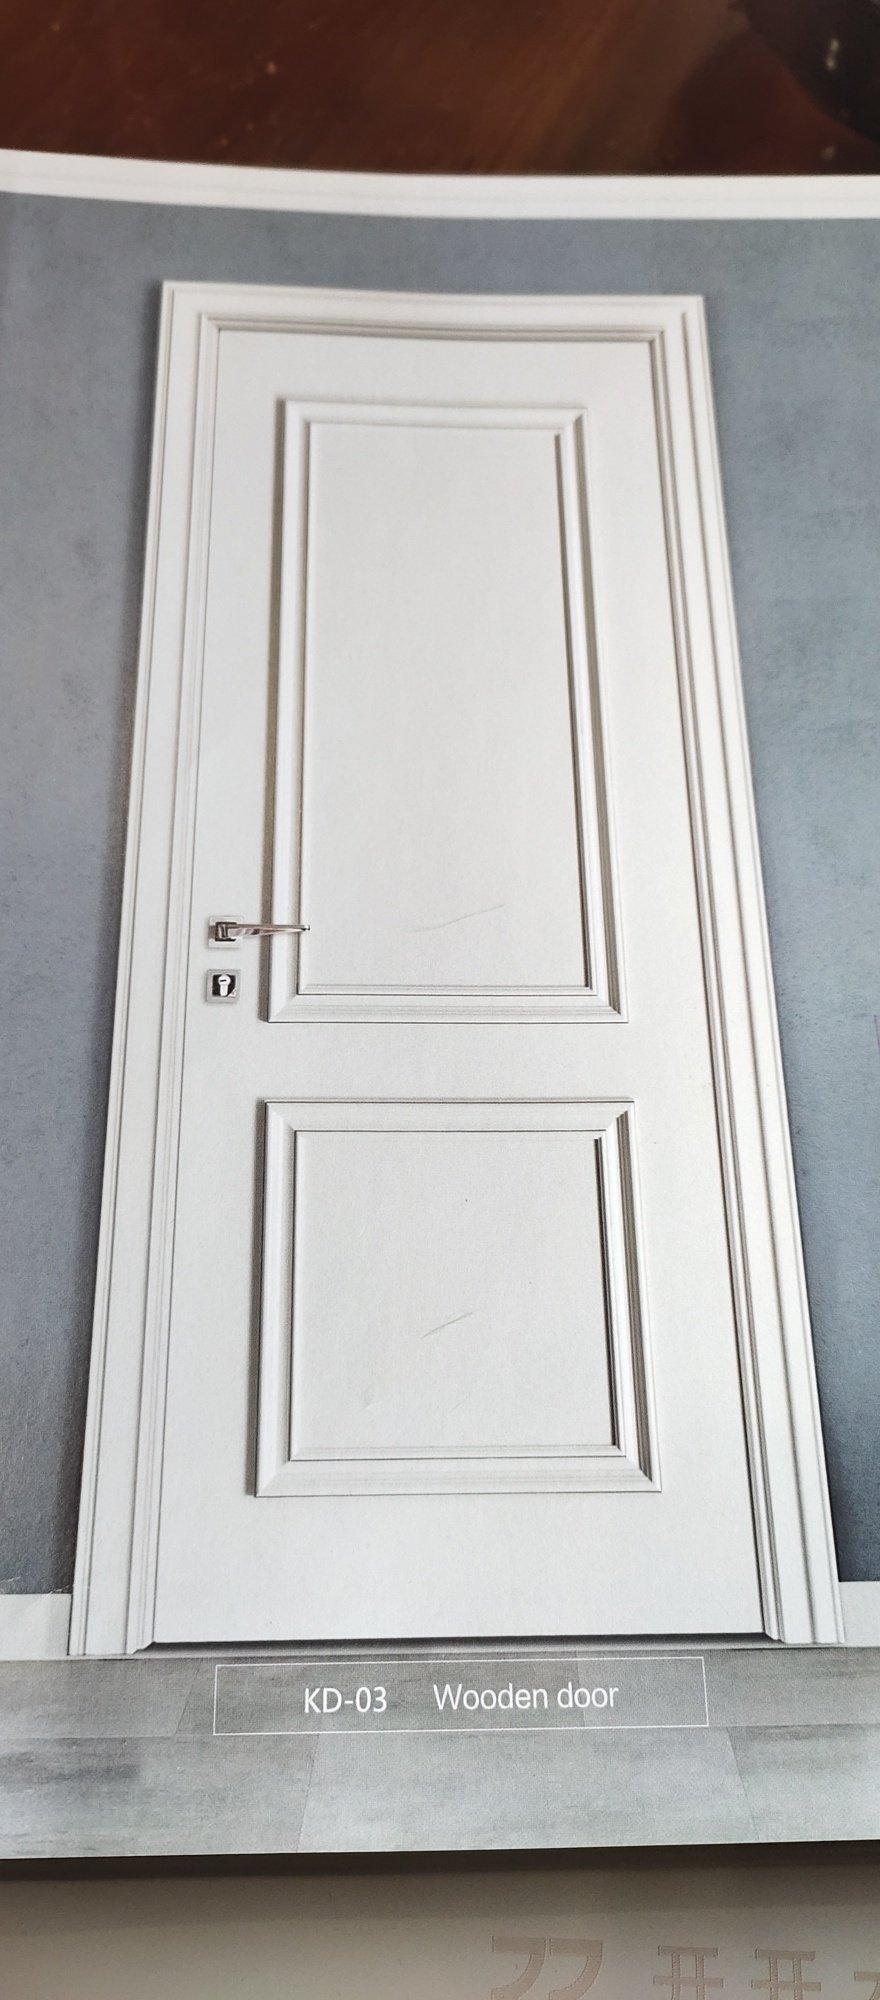 请大家指点灰色的房间门,客厅是深色家具,能搭配吗